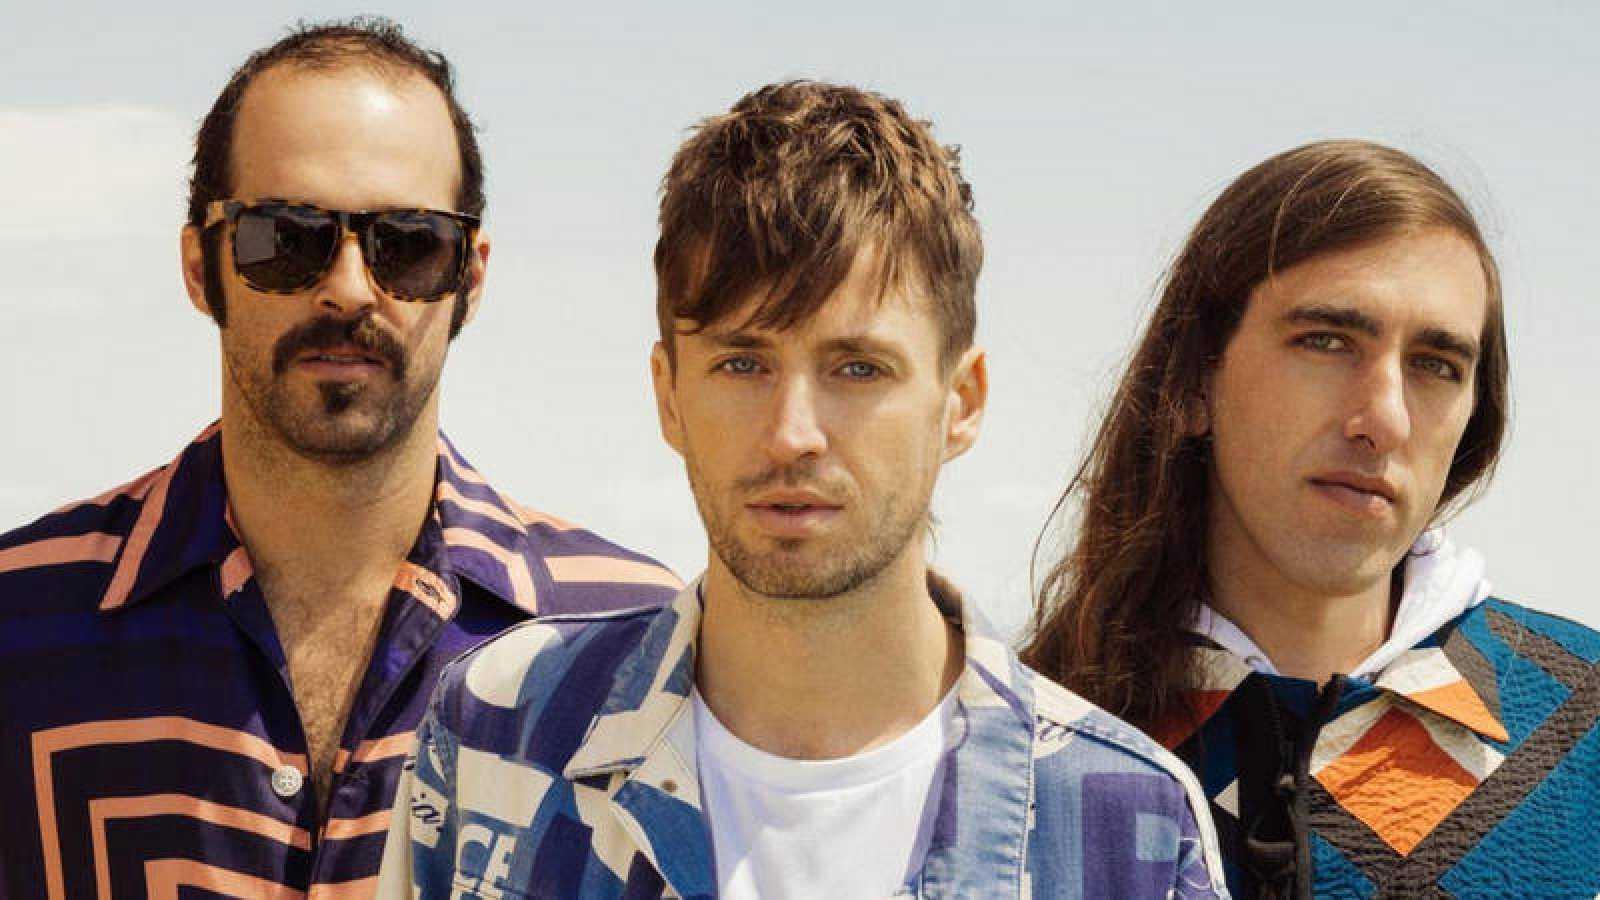 Crystal Fighters darán en Sonorama su único concierto en festivales en España.